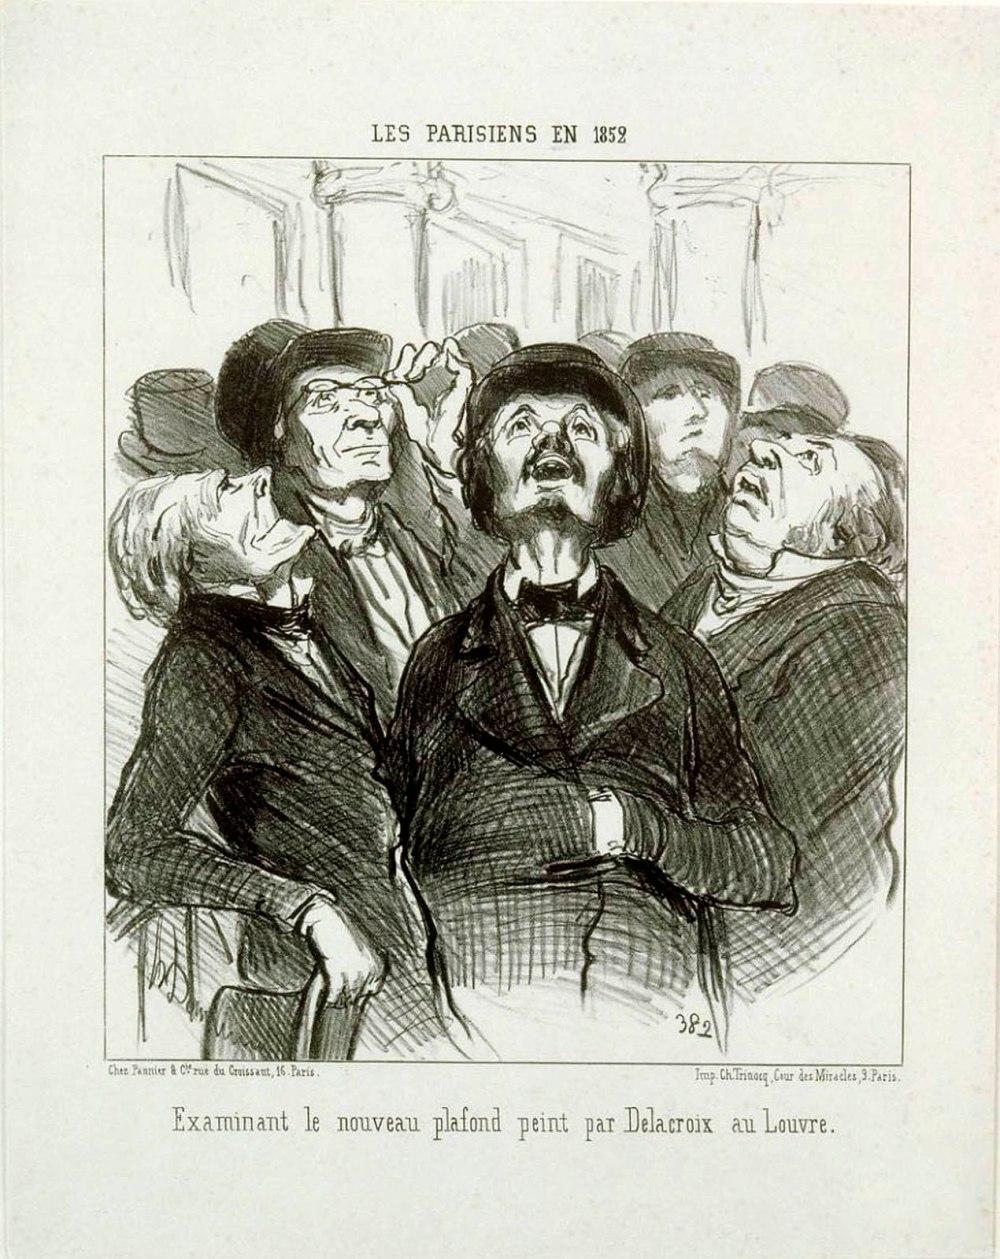 Honoré Daumier. Parisinos en 1852 examinando el nuevo techo pintado por Delacroix en el Louvre. Colección particular.